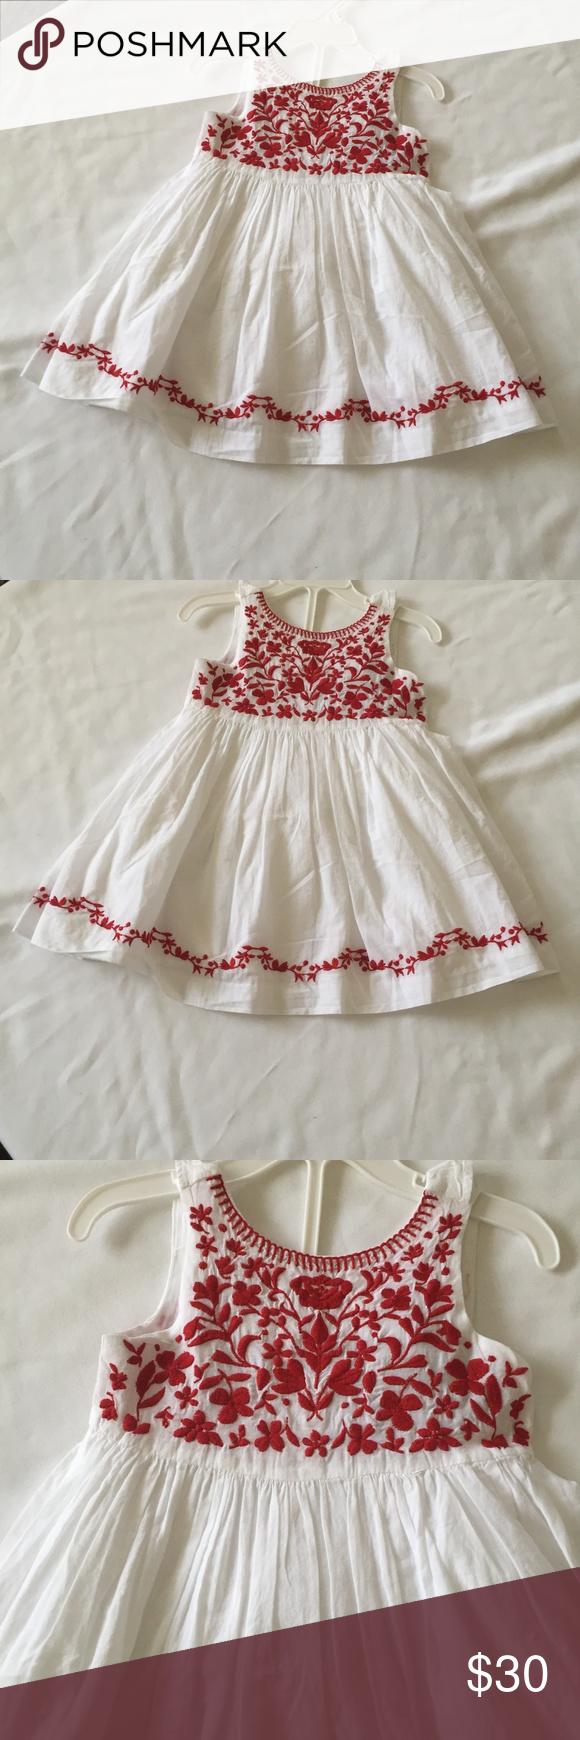 Tahari Baby Girl S 18m White Dress Red Embroidery Tahari Baby Girl S 18m White Dress With Red Embroidery Beautiful Baby Girl Tops Baby Girl Dresses Red Dress [ 1740 x 580 Pixel ]